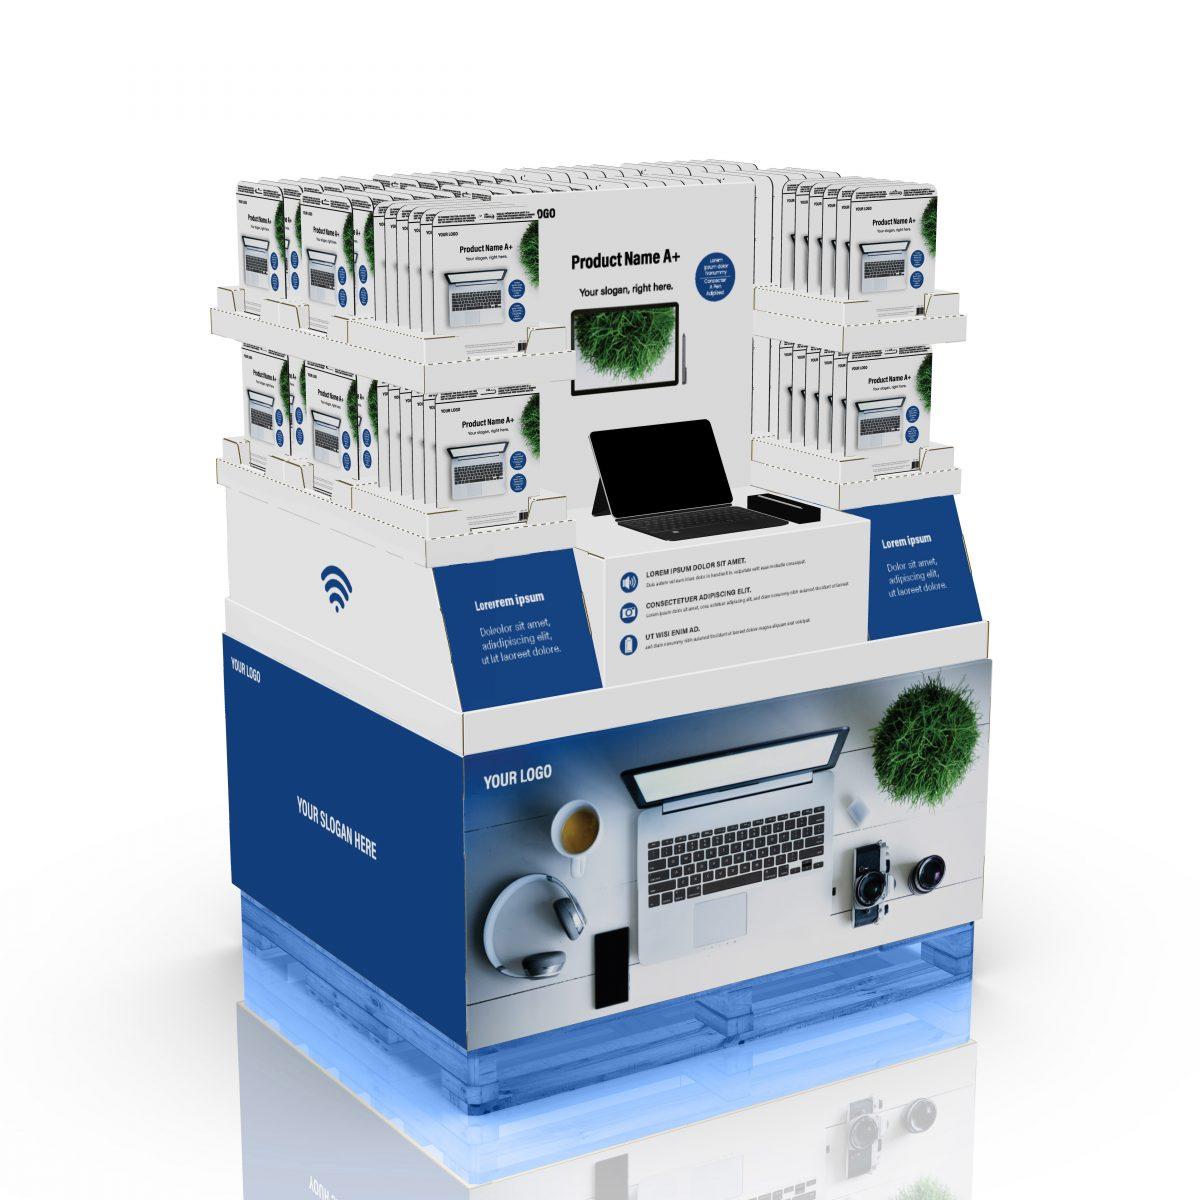 48'' x 40'' Palette multimédia pour appareils électroniques, avec en-tête imprimable. Peut accueillir un démonstrateur au centre - 3D